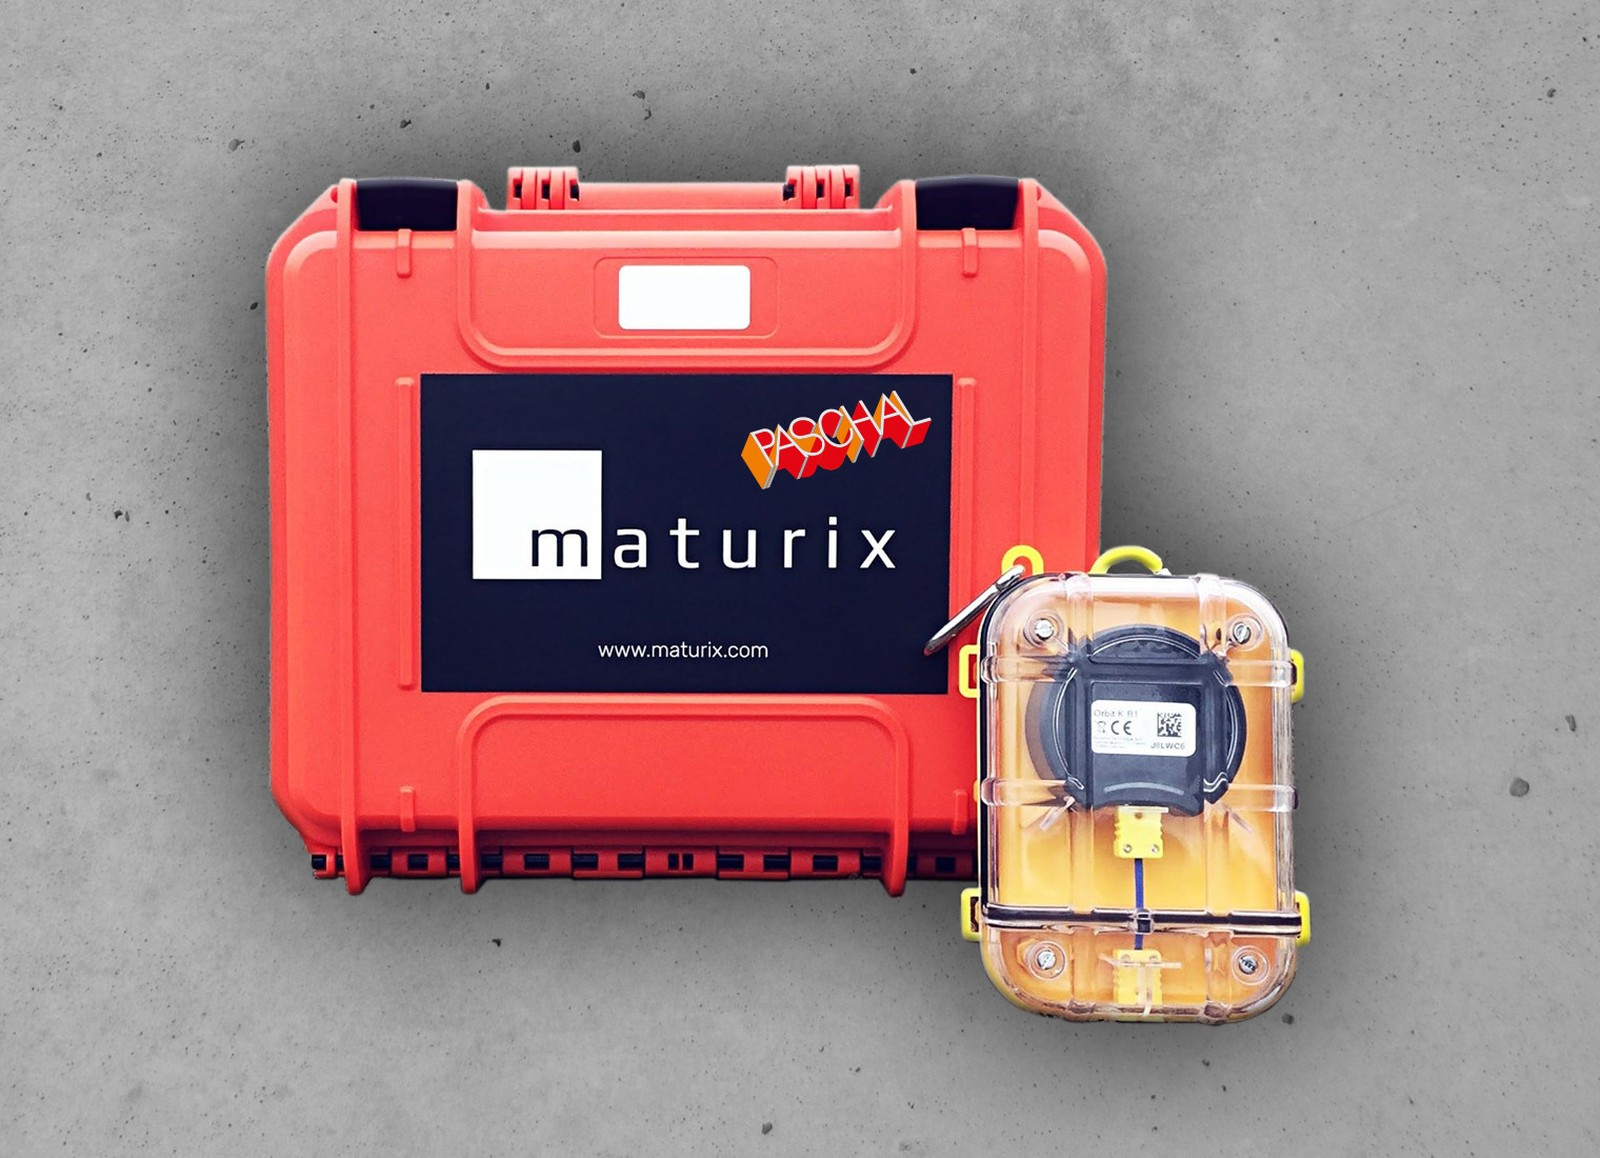 Maturix liefert bietet Beton-Monitoring in Echtzeit.